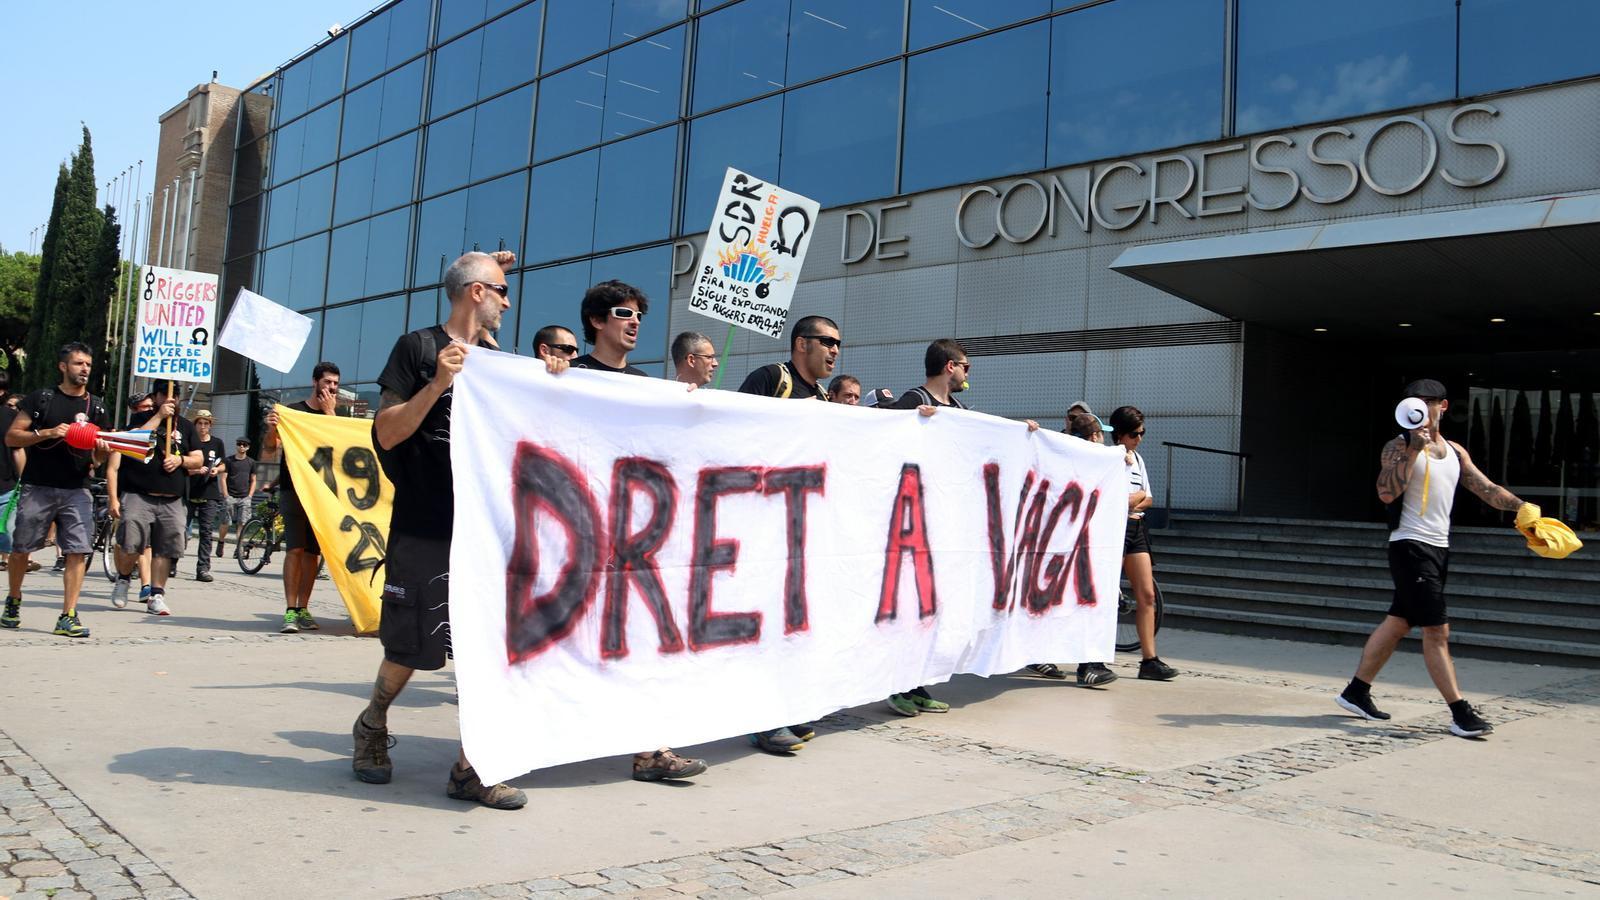 Protesta dels  'riggers' en vaga  a la Fira de Barcelona al juliol